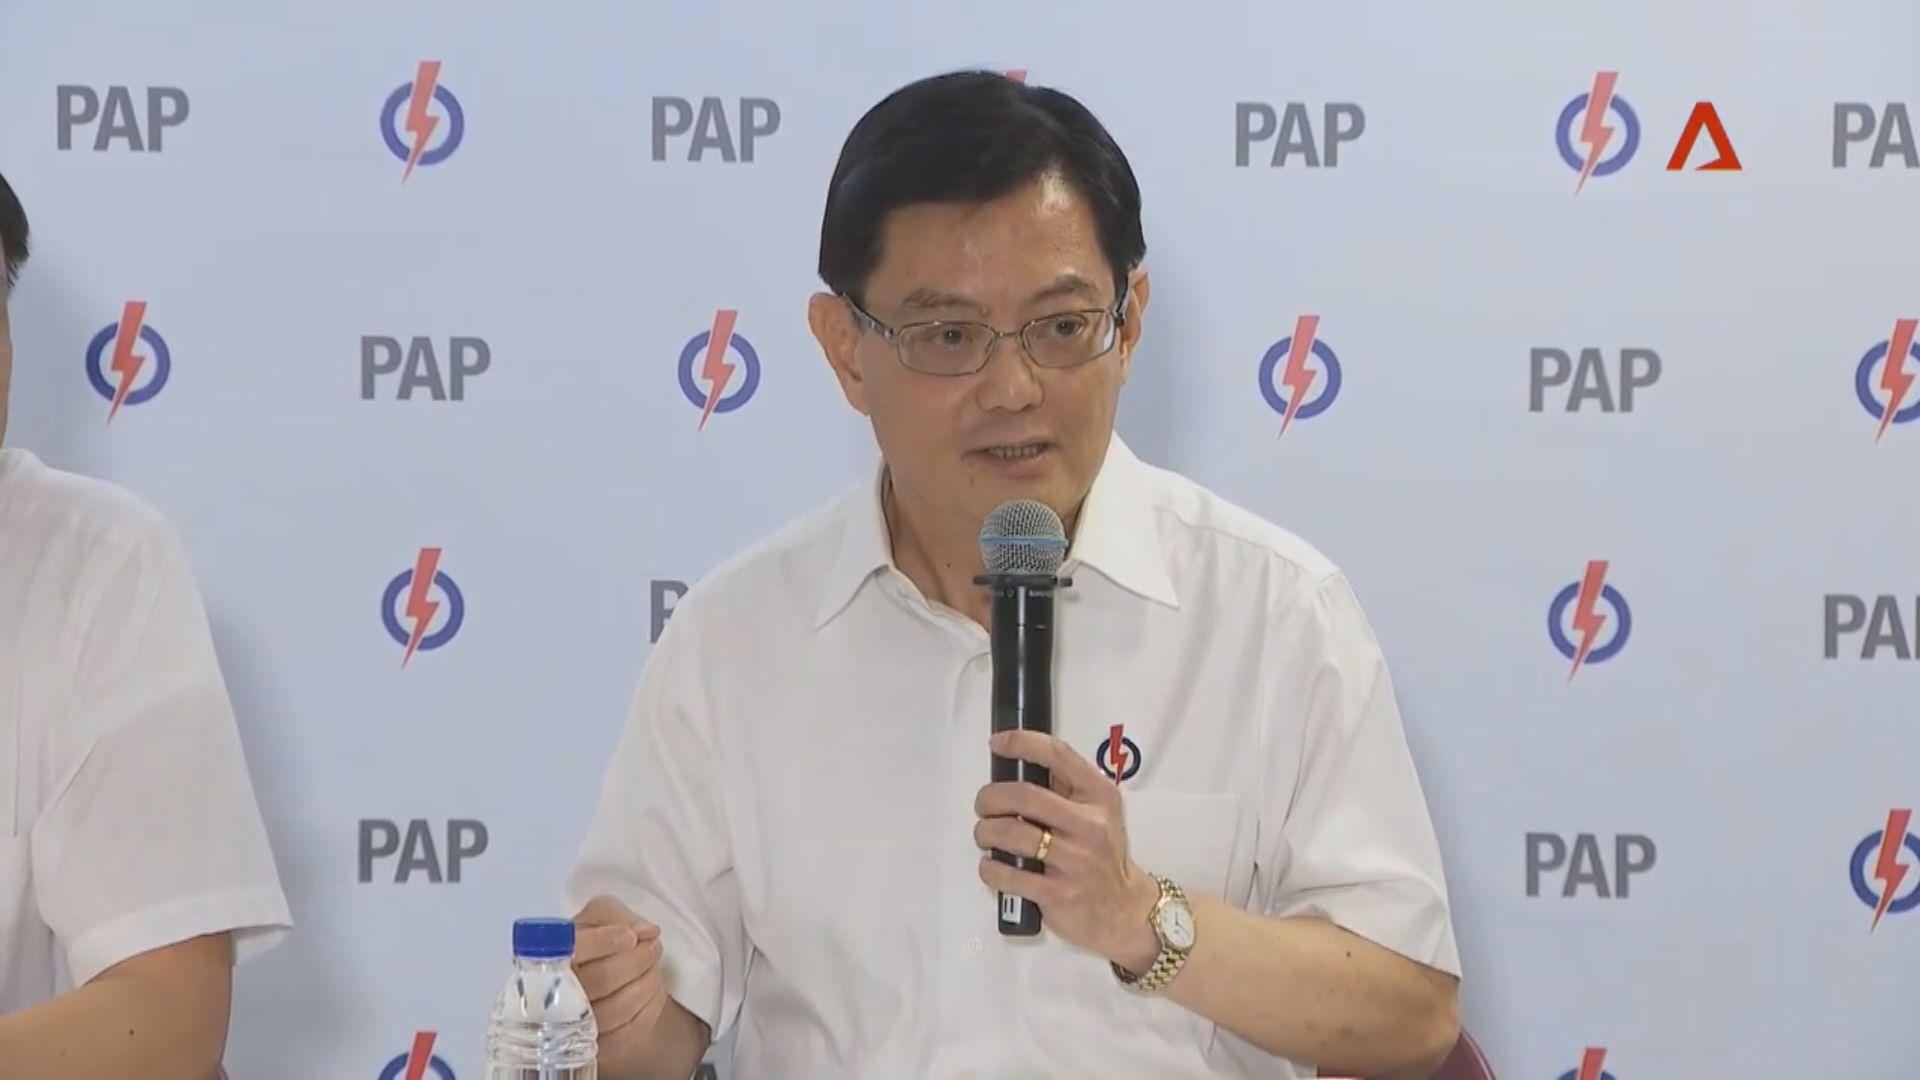 王瑞杰獲提升為新加坡副總理